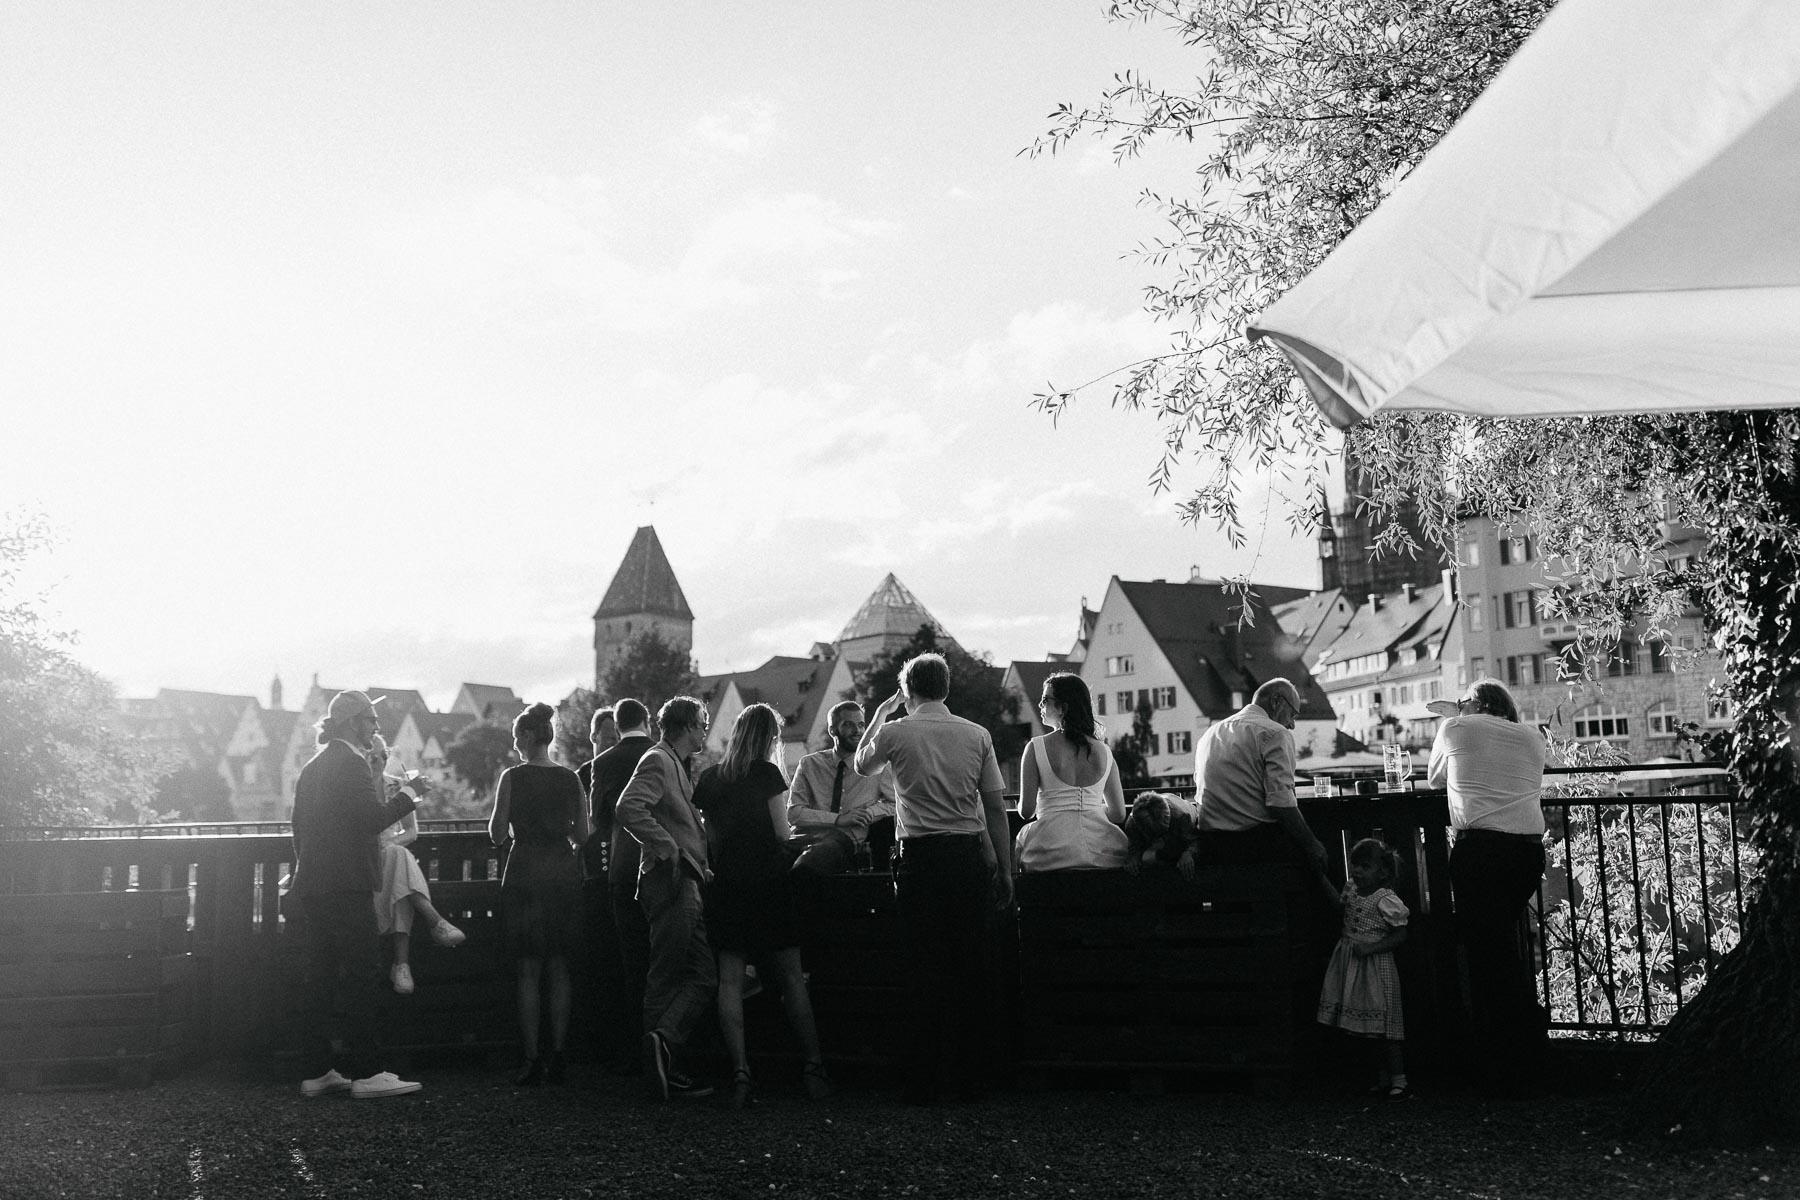 Bei der Hochzeit in Ulm bot sich mir als Hochzeitsfotograf ein toller Blick zum Fischerviertel